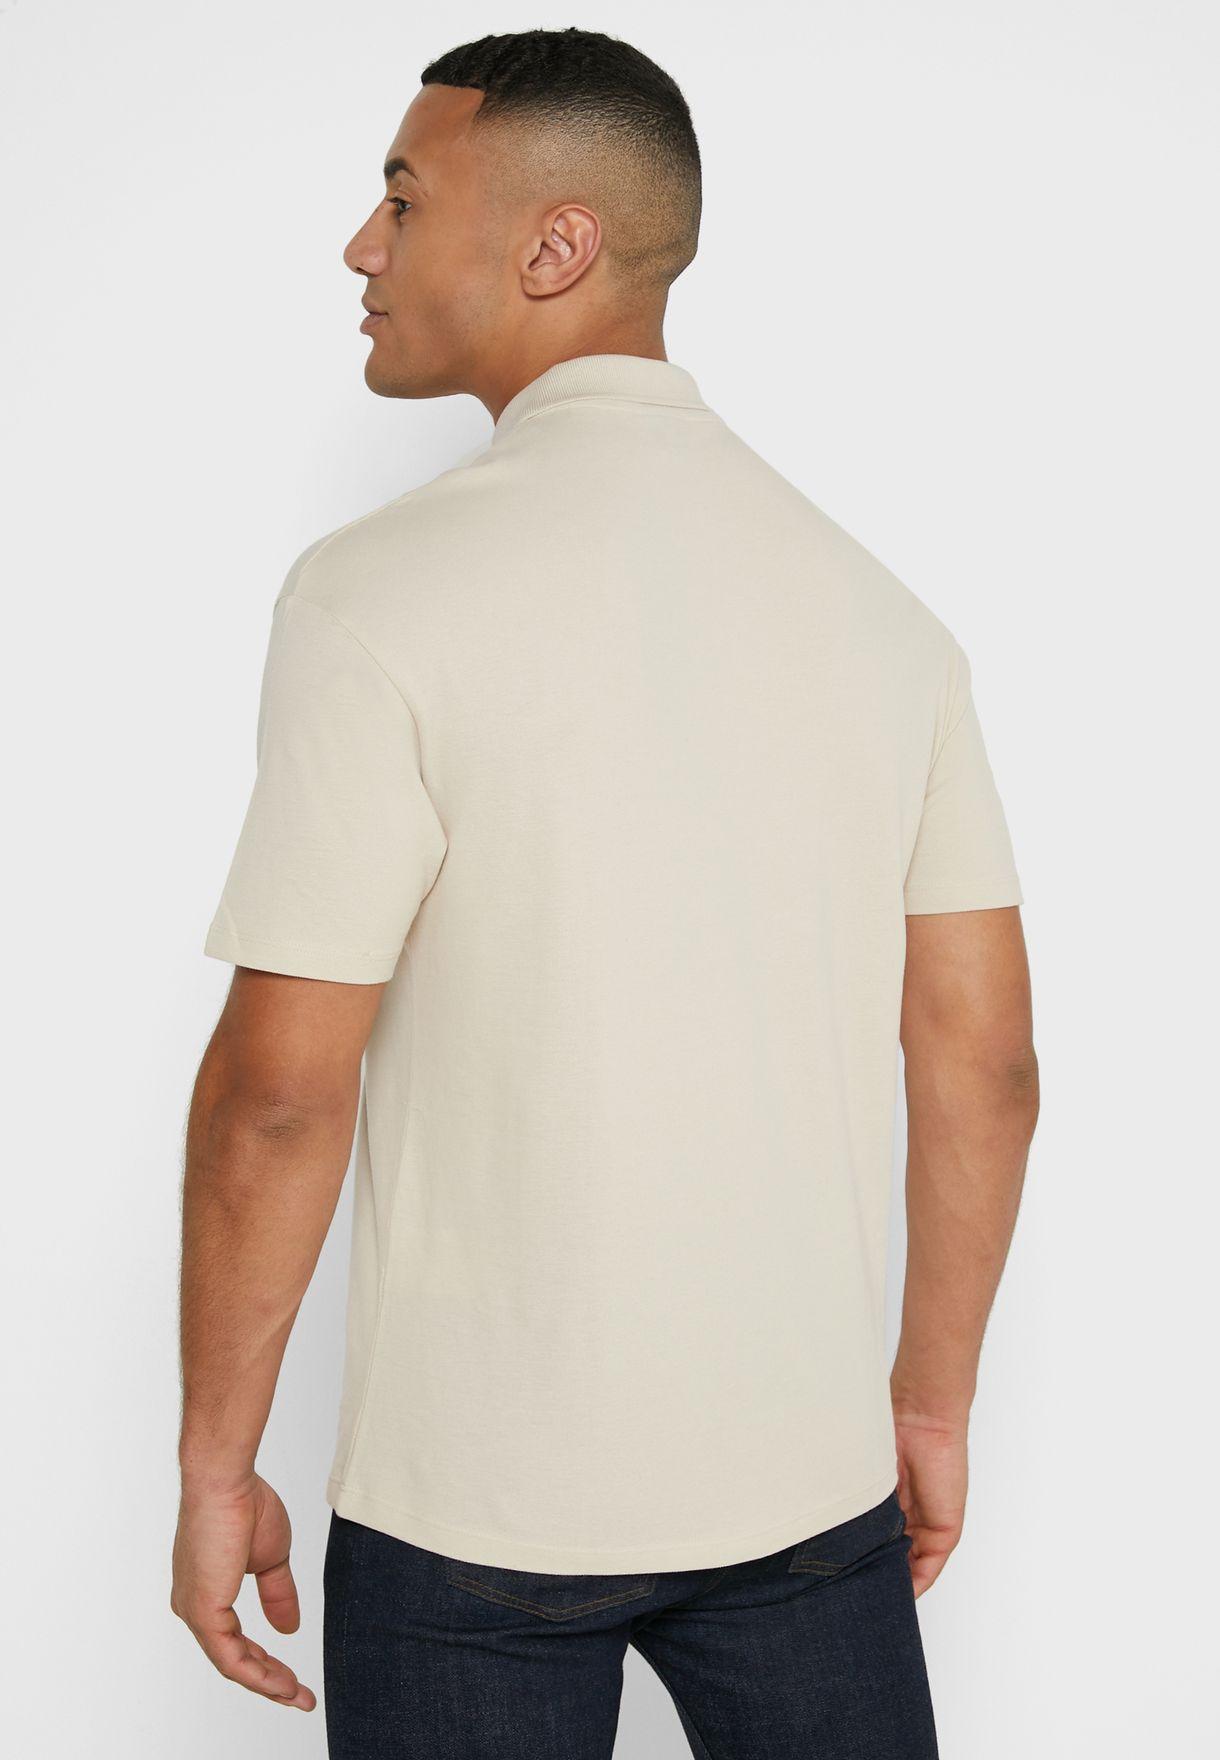 قميص بولو بجيب جانبي